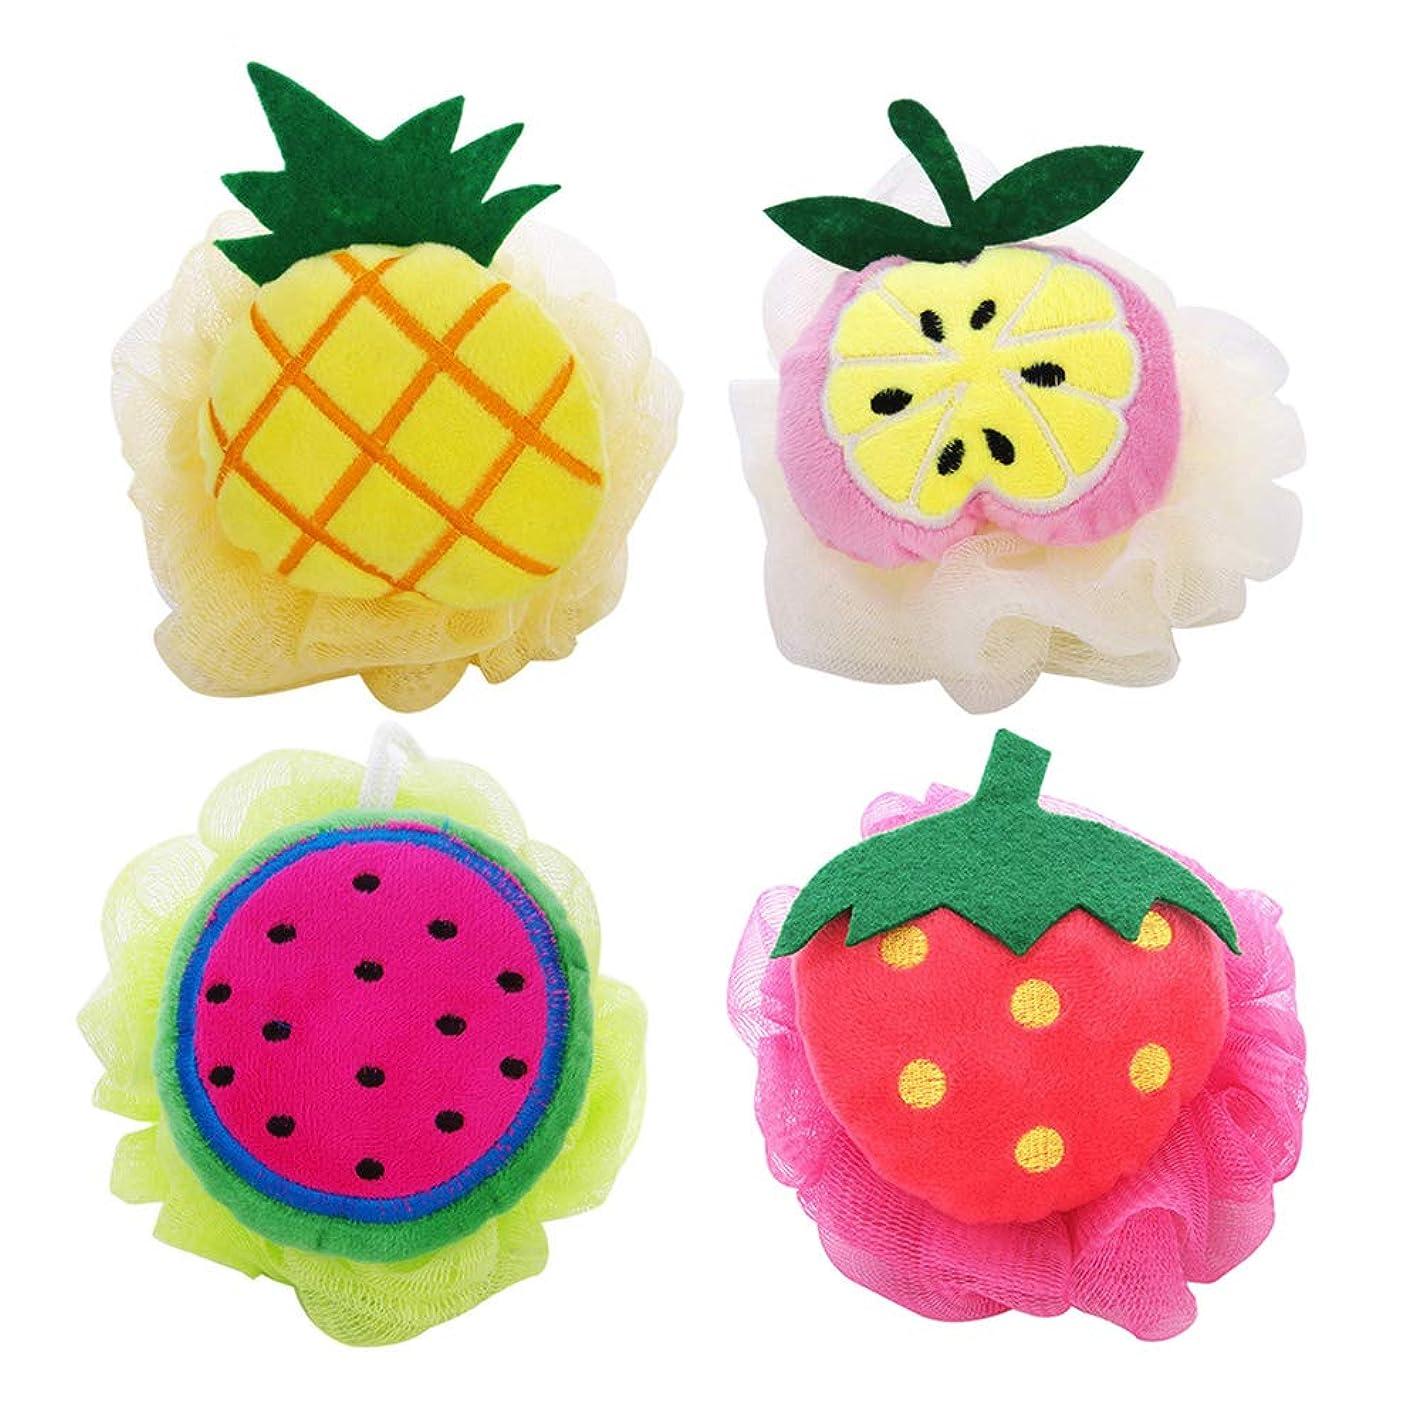 商品ピジンオセアニアHealifty 4本 シャワーボール フルーツ ソフトバスボールメッシュスポン 可愛い 子供用(パイナップル スイカ アップル イチゴ)